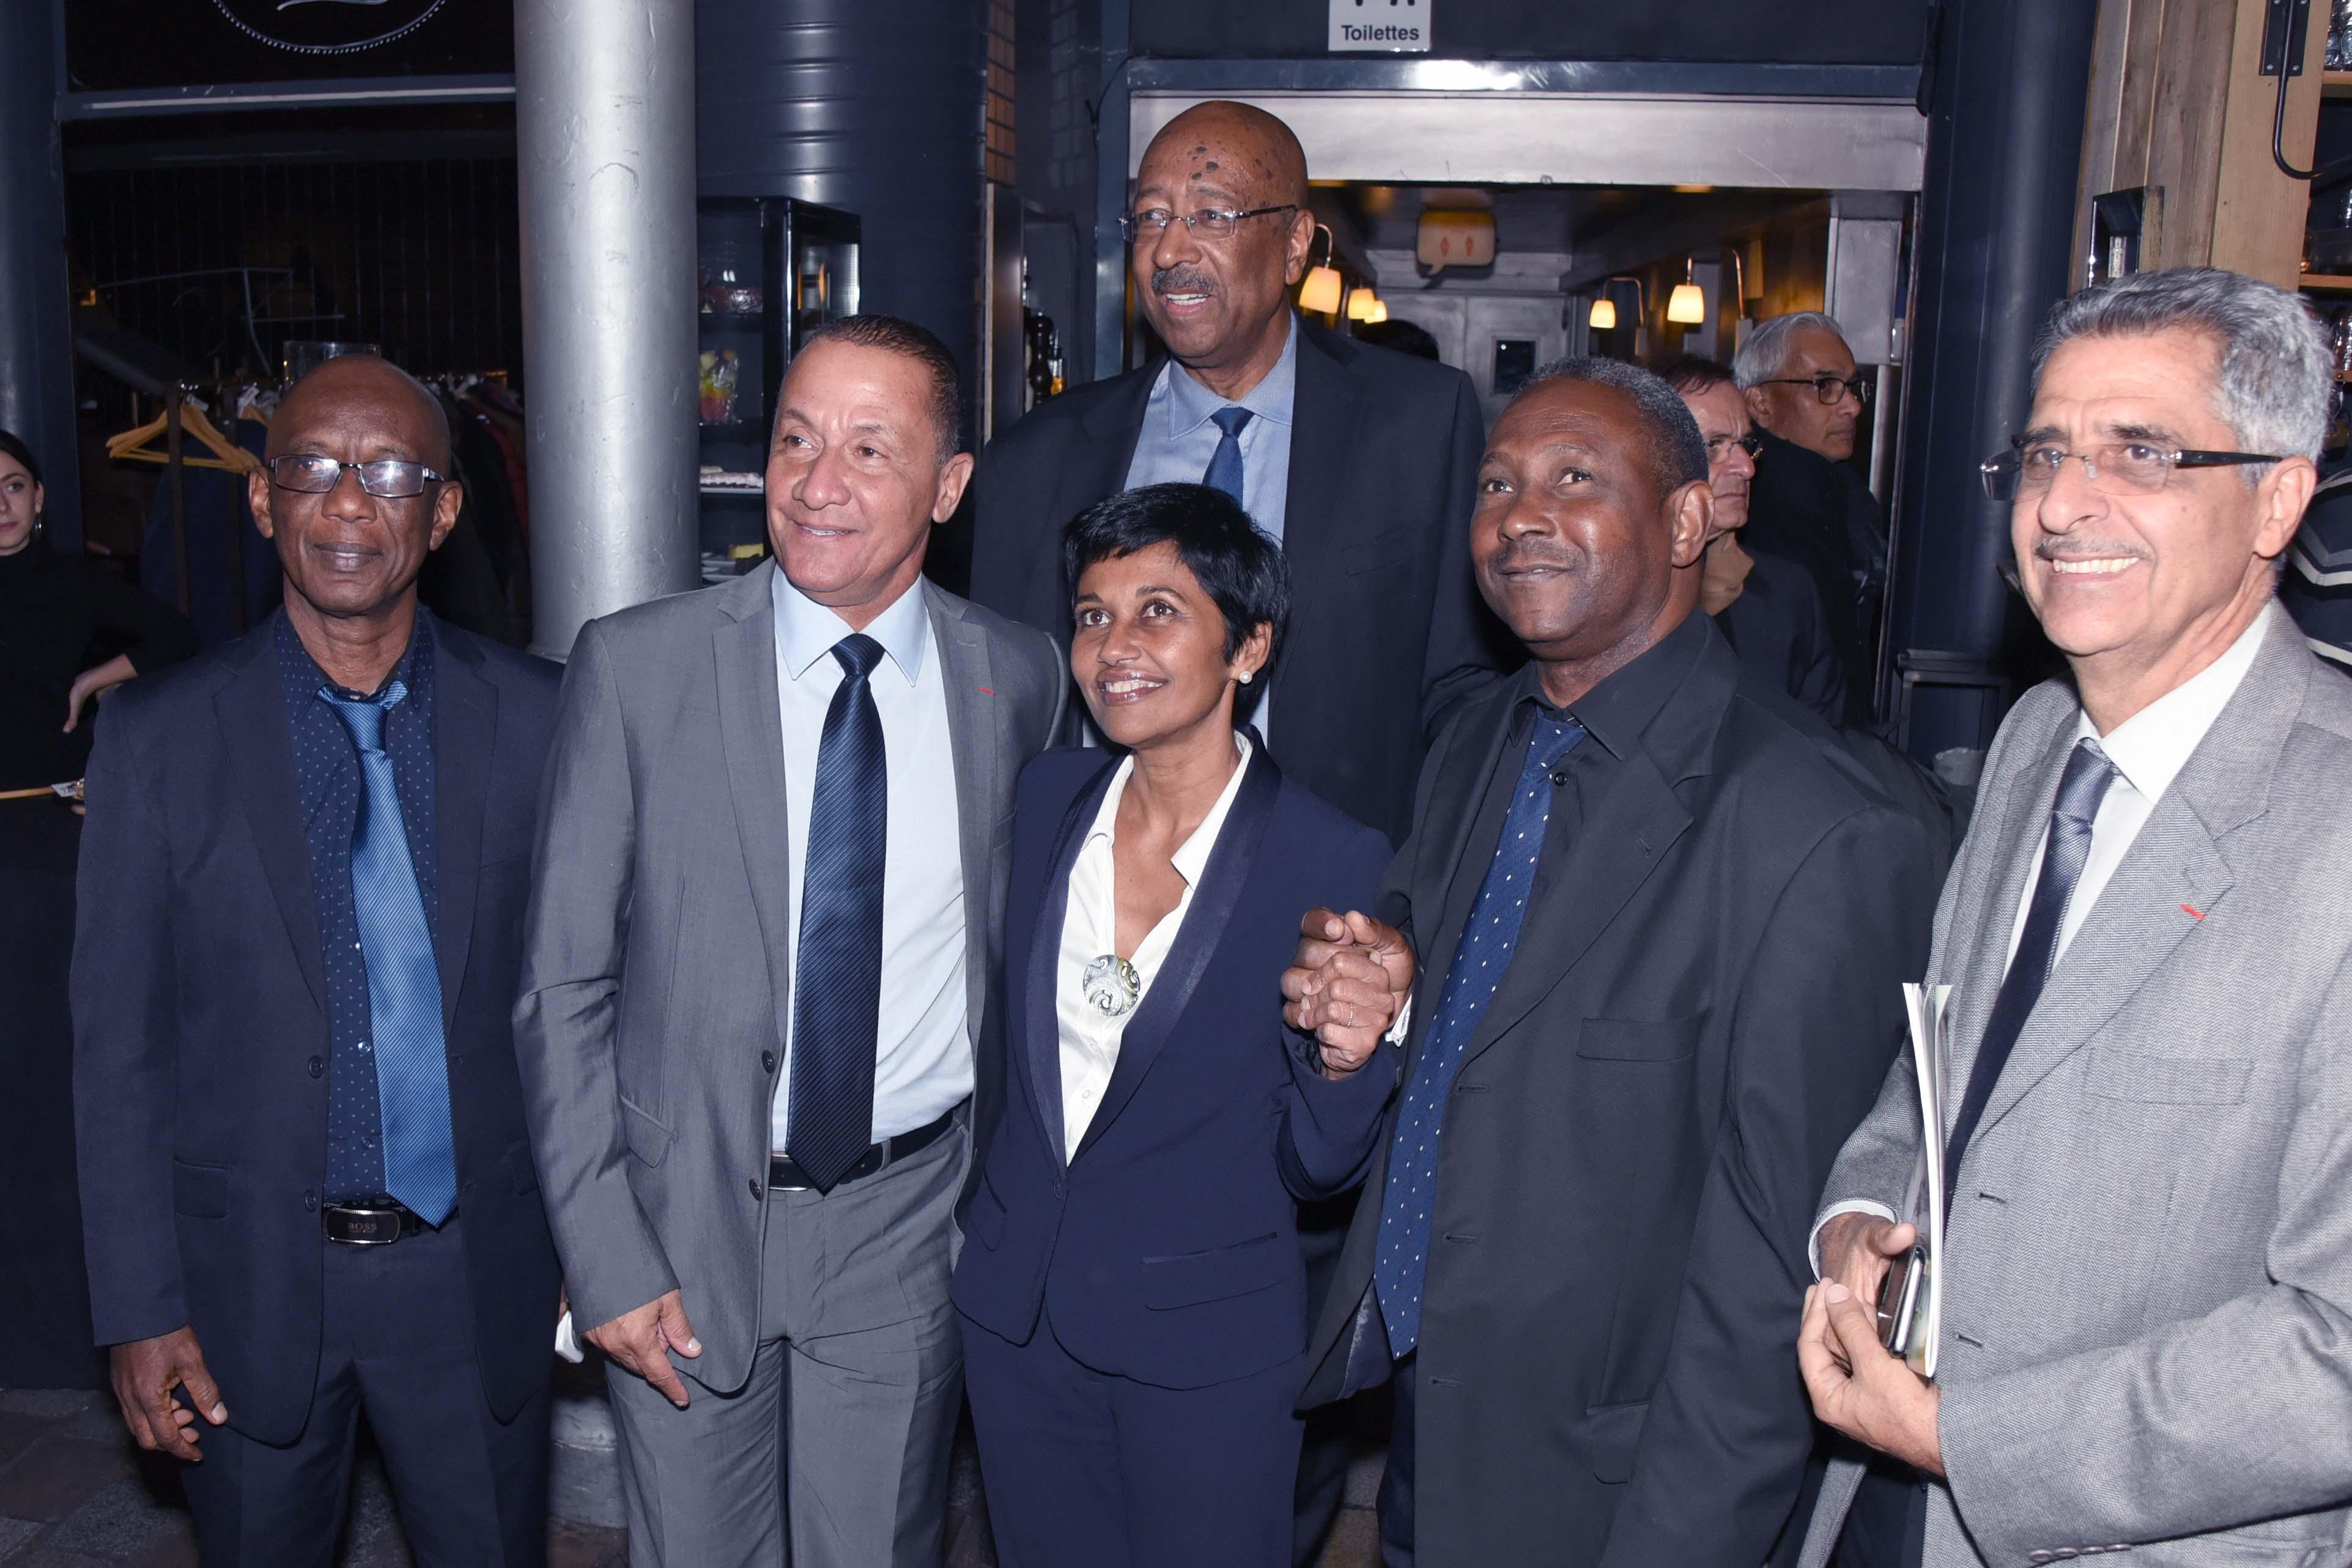 La Ministre entourée d'élus guyanais, dont Rodolphe Alexandre, Georges Patient, Antoine Karam....